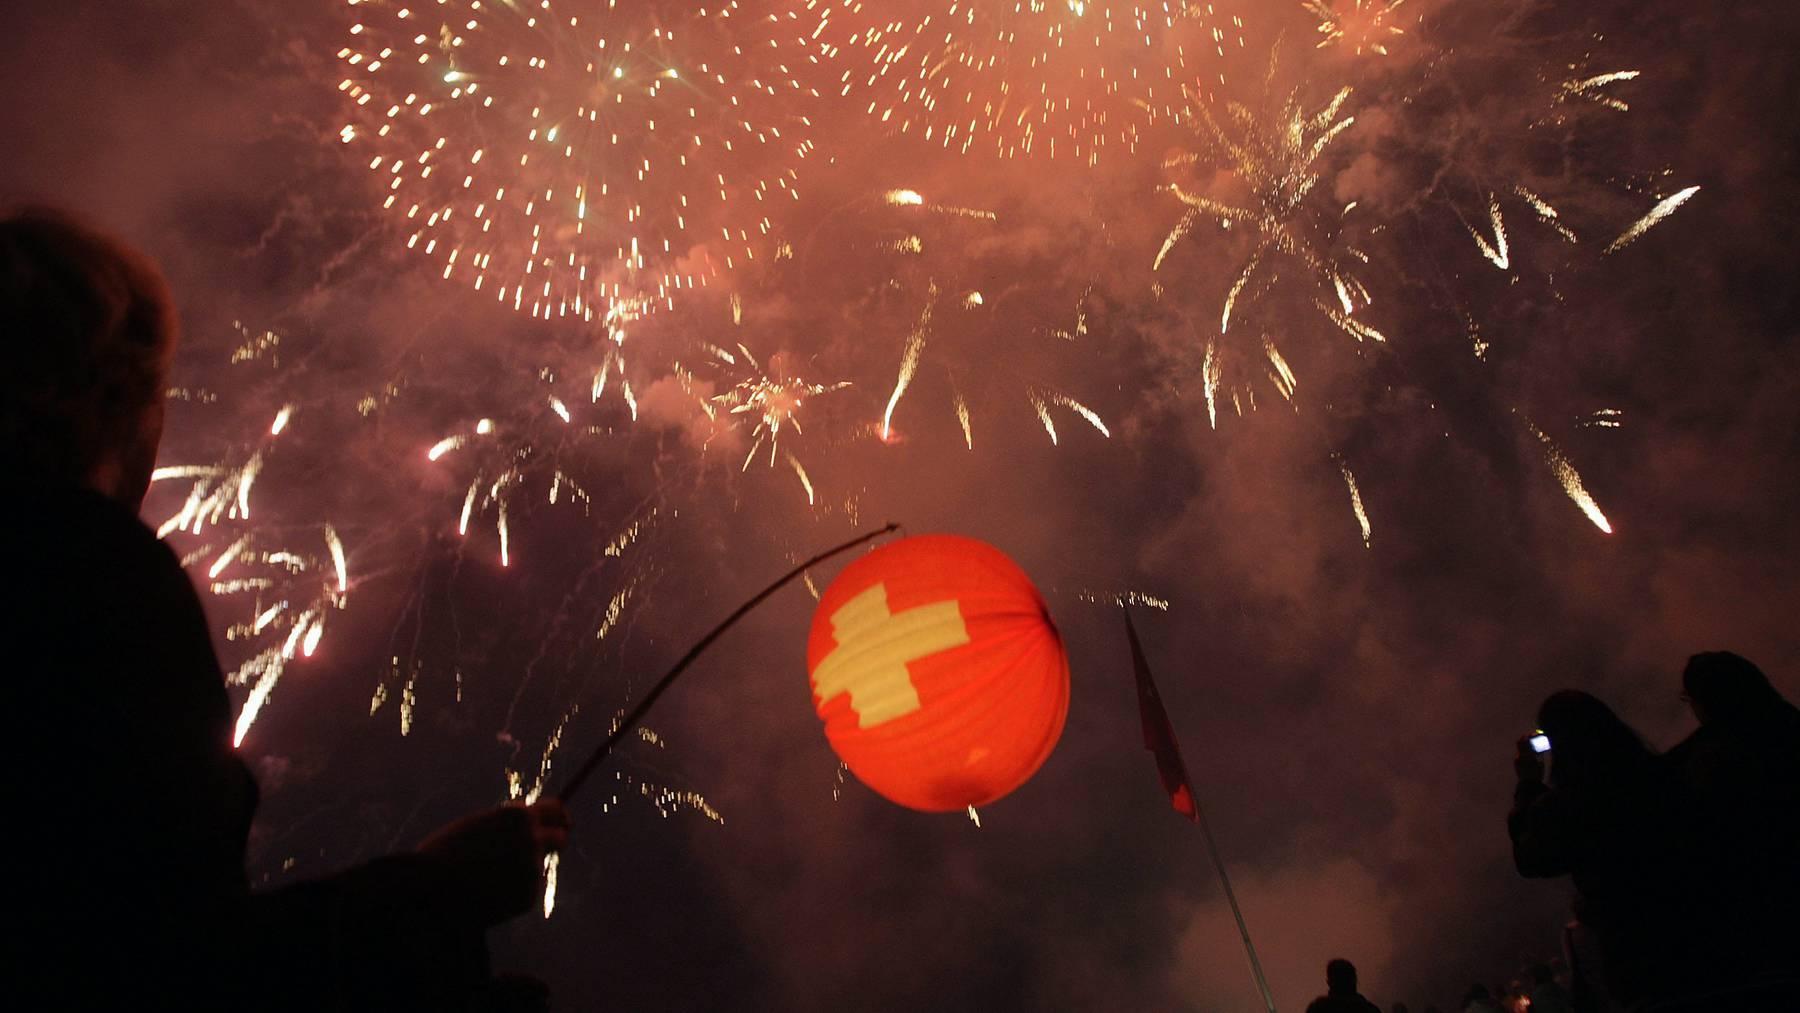 Der Nationalfeiertag wurde in der Ostschweiz friedlich gefeiert.